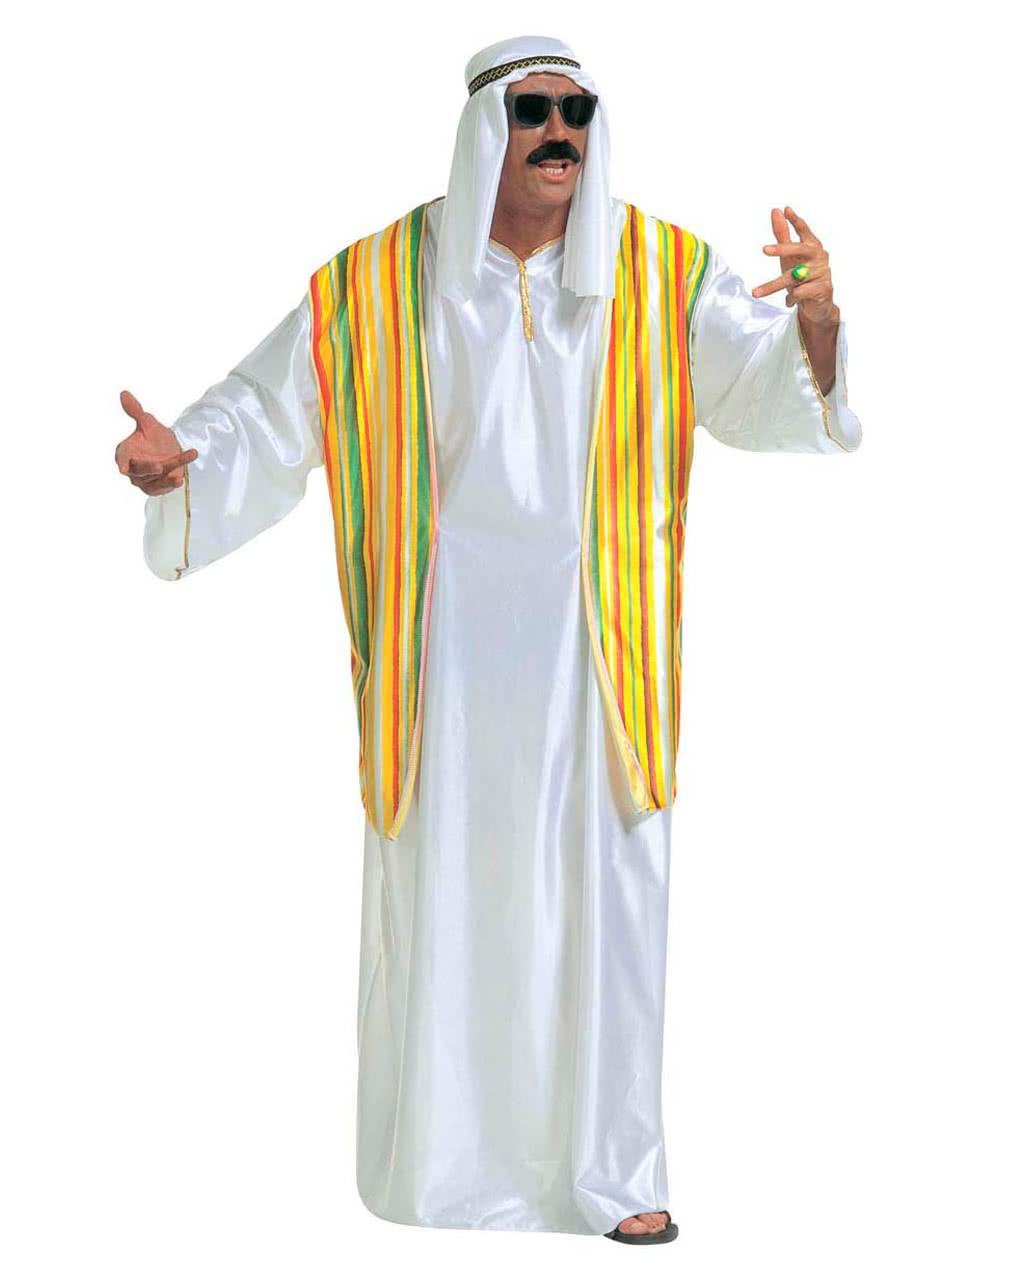 Olscheich Kostum Mit Weste Orientalische Kostume Kaufen Horror